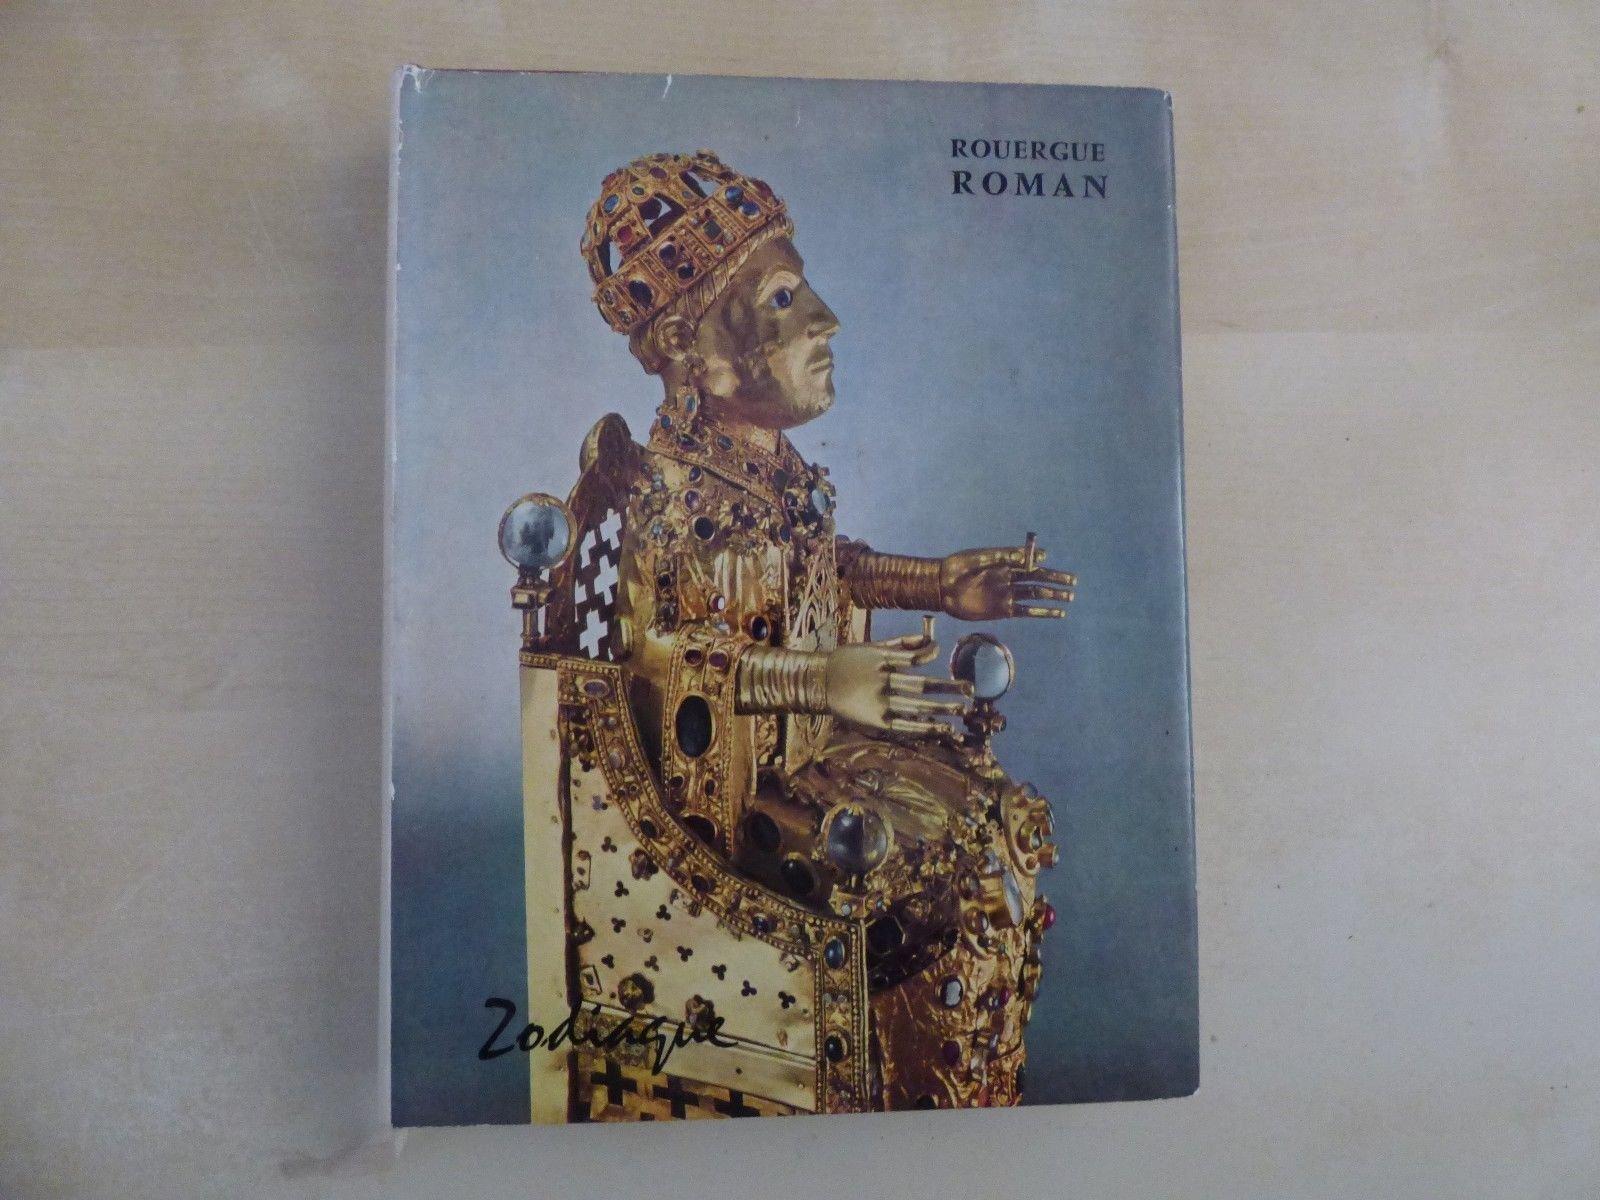 Rouergue roman Relié – 1963 Collectif Zodiaque B0000DSDG1 Art Religieux